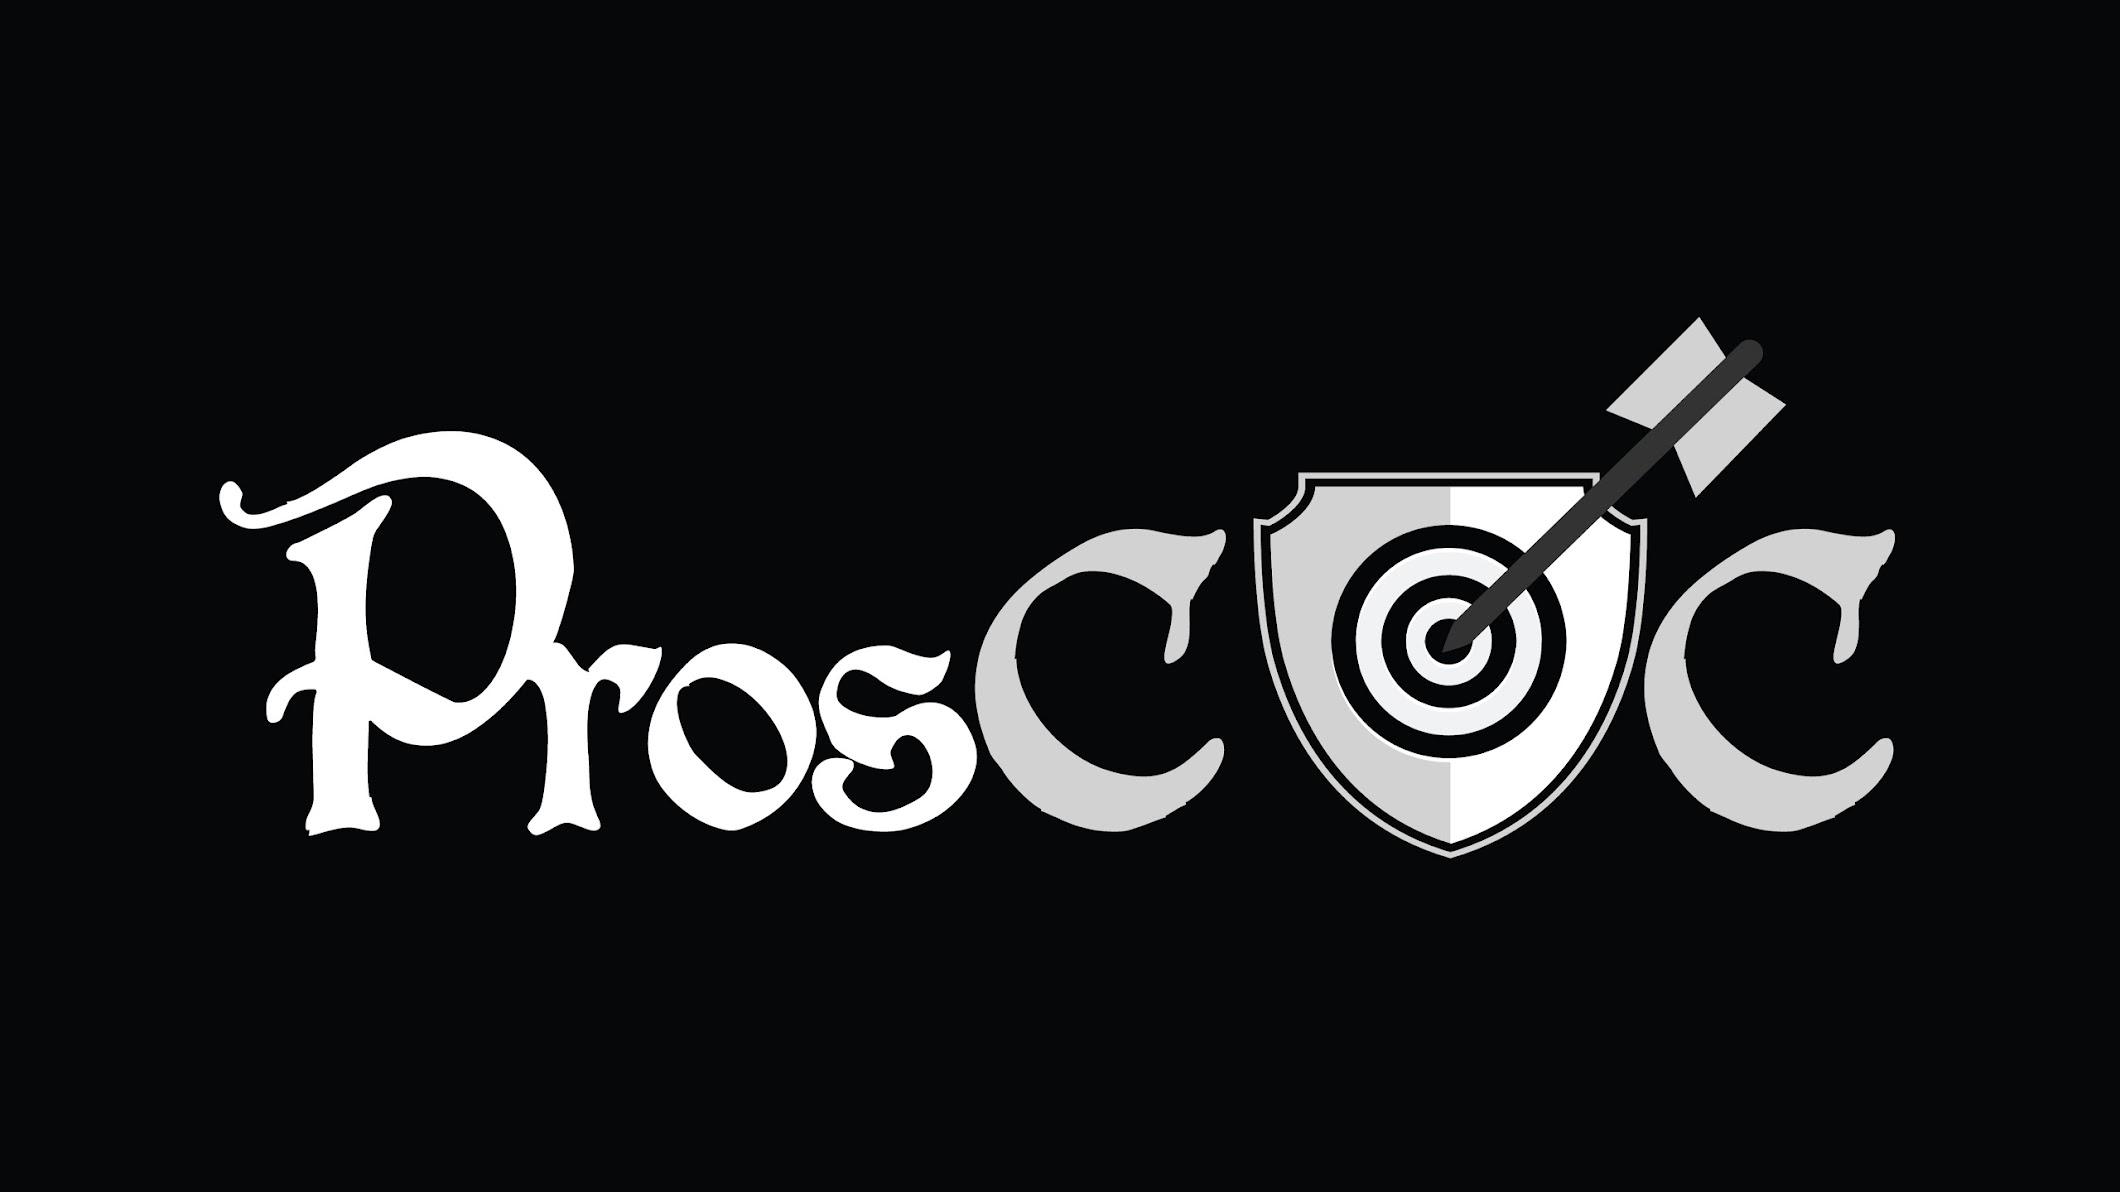 ProsCoC